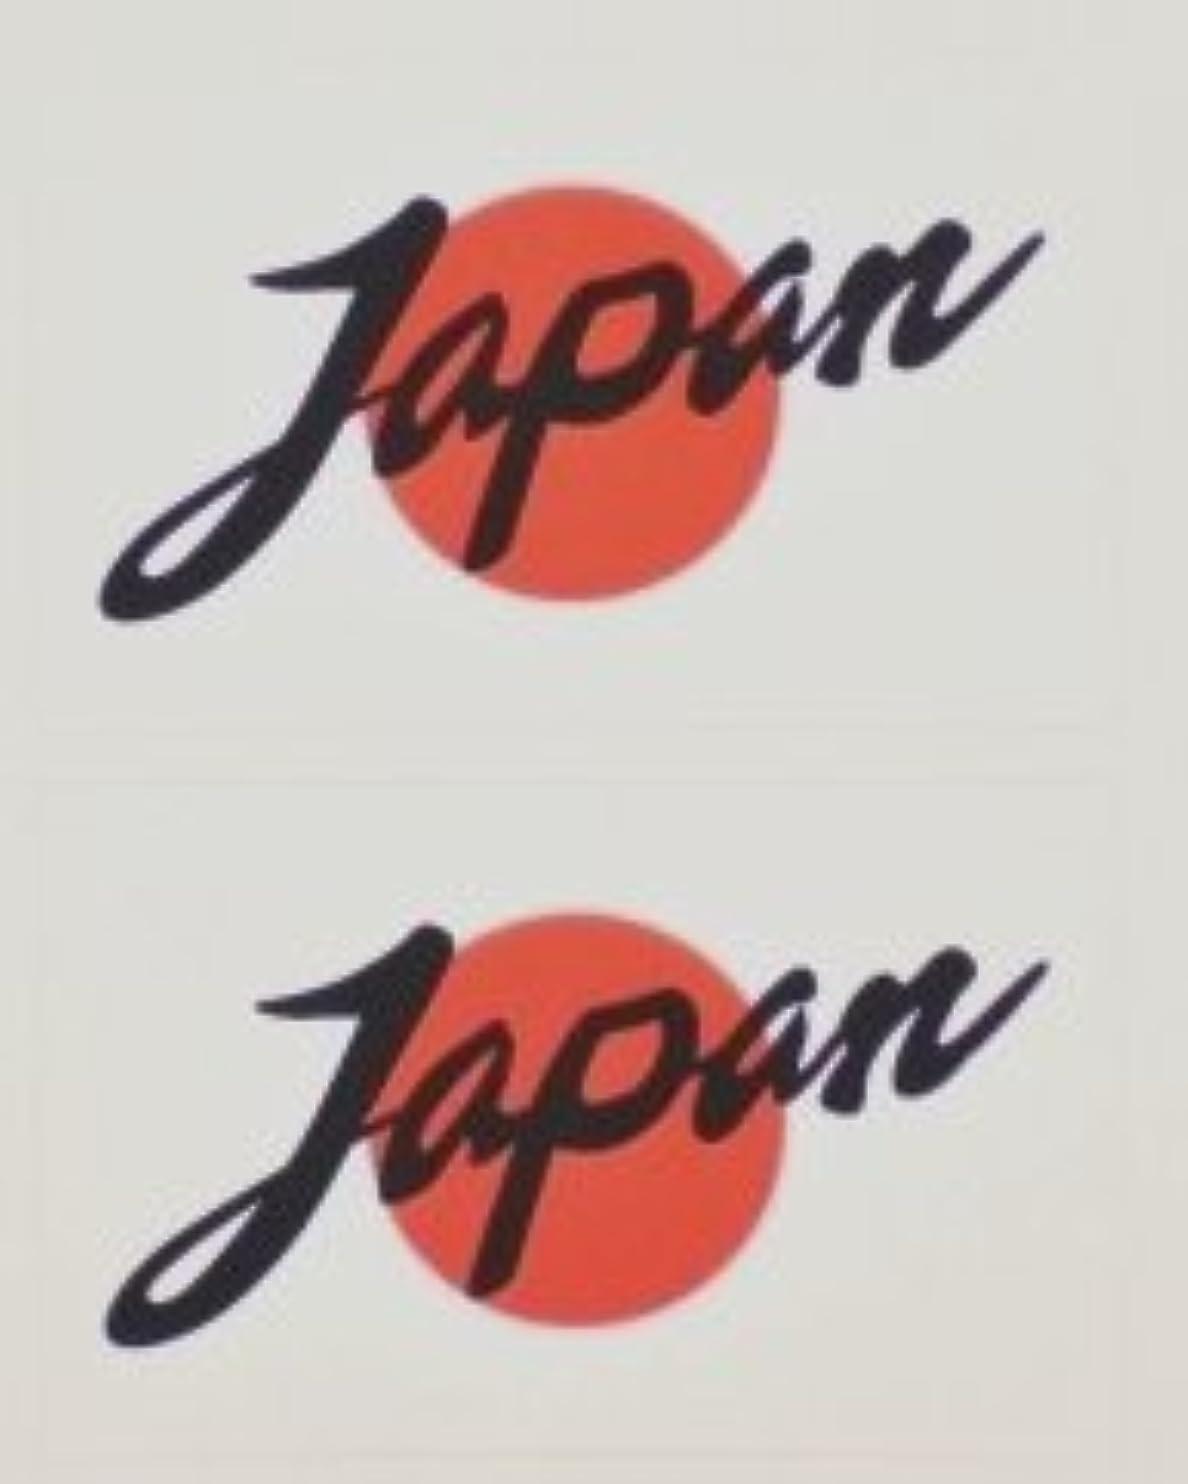 フェローシップカスケード世界記録のギネスブック日の丸 【Japan】(日本国旗)★フェイスシール/応援/サポーター/ワールドカップ/1シート2枚組